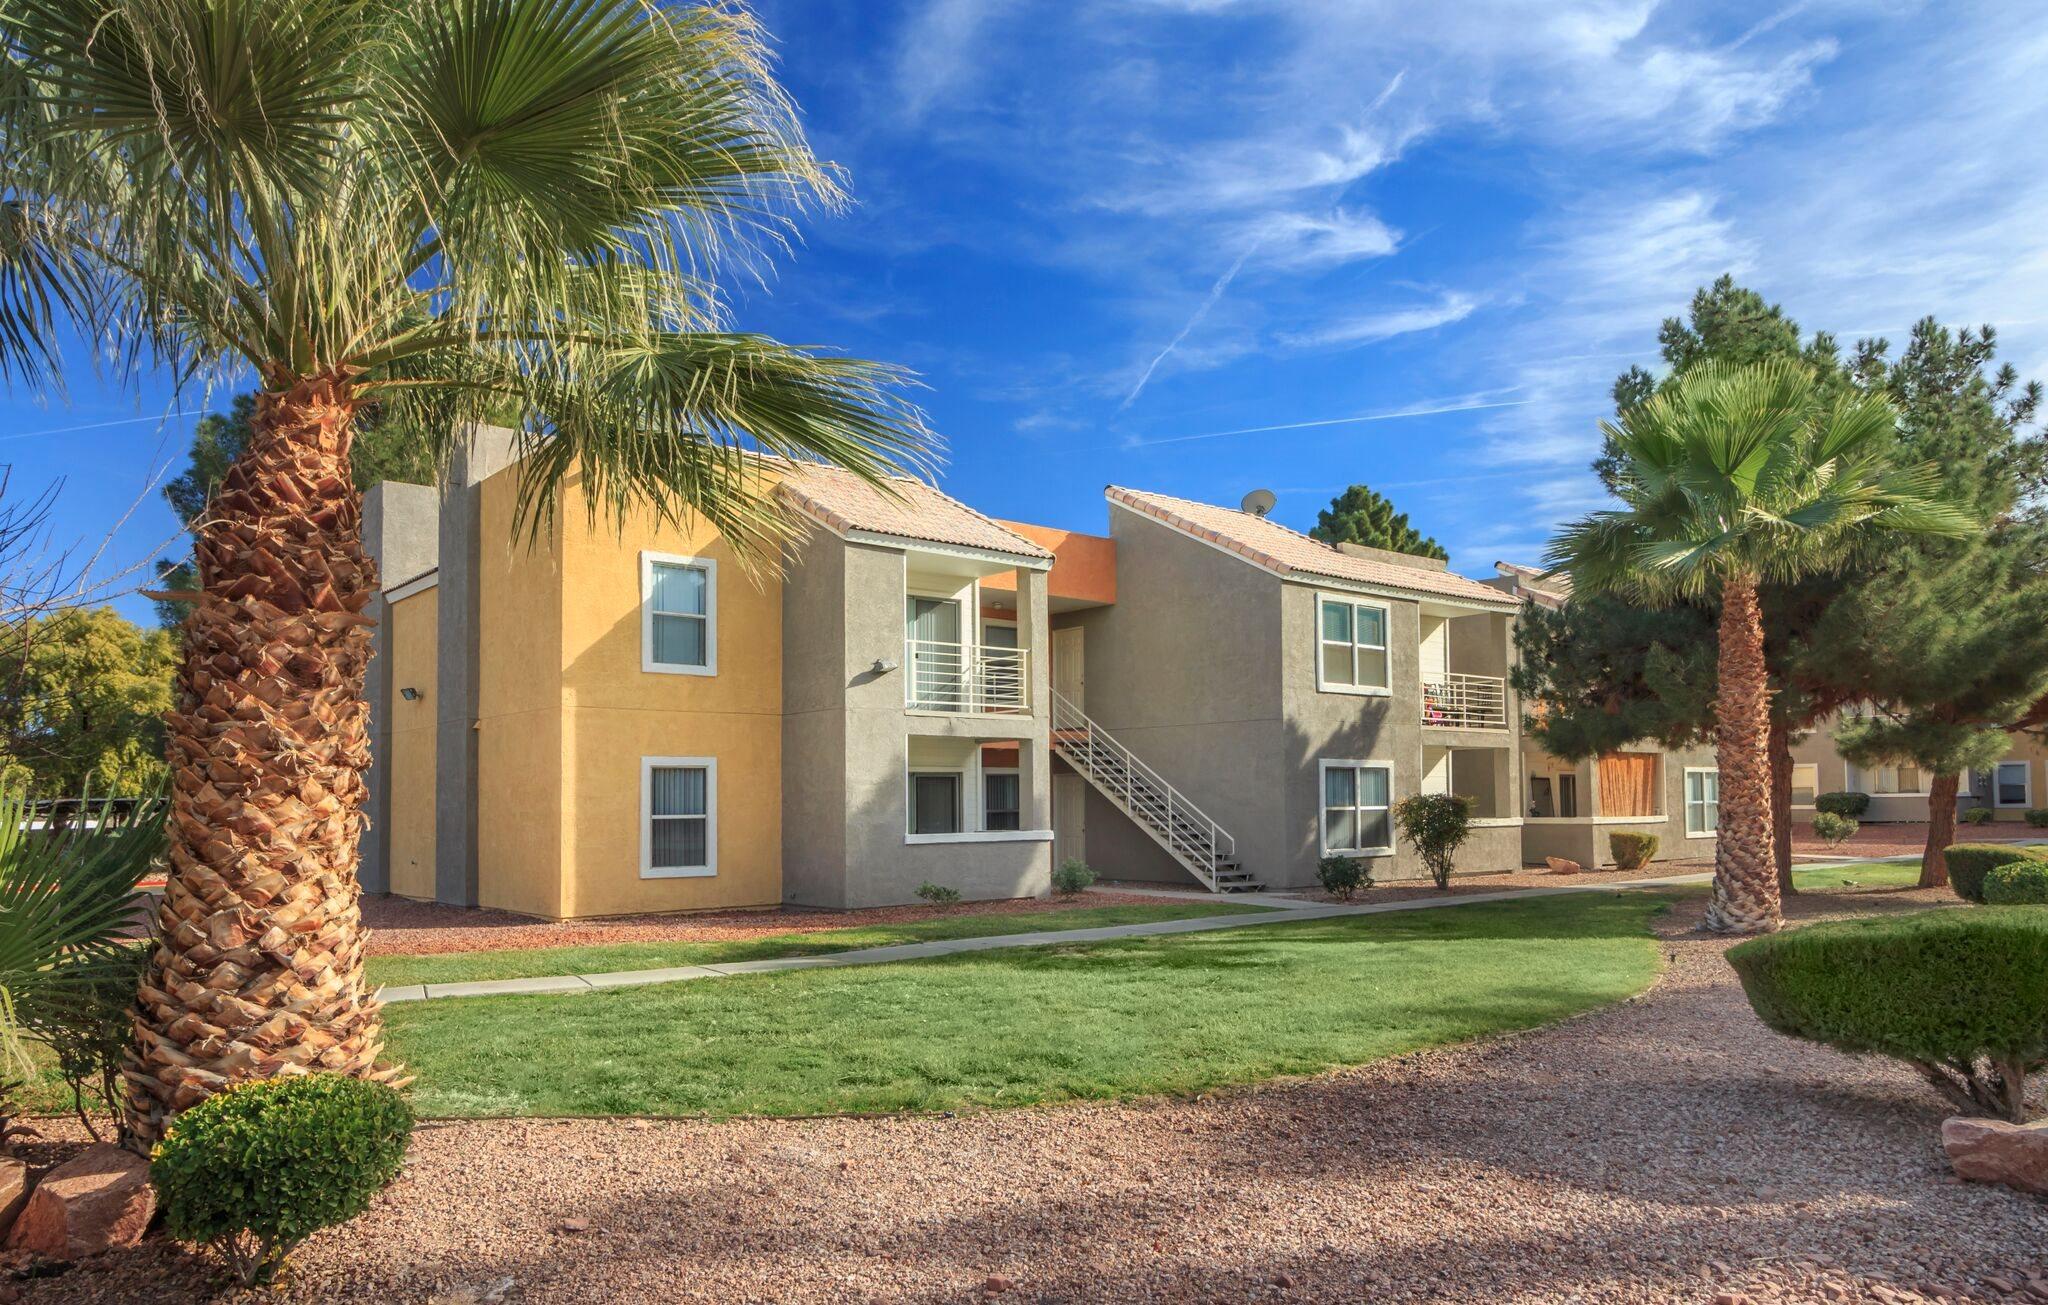 Citrus Apartments | Apartments in Las Vegas, NV